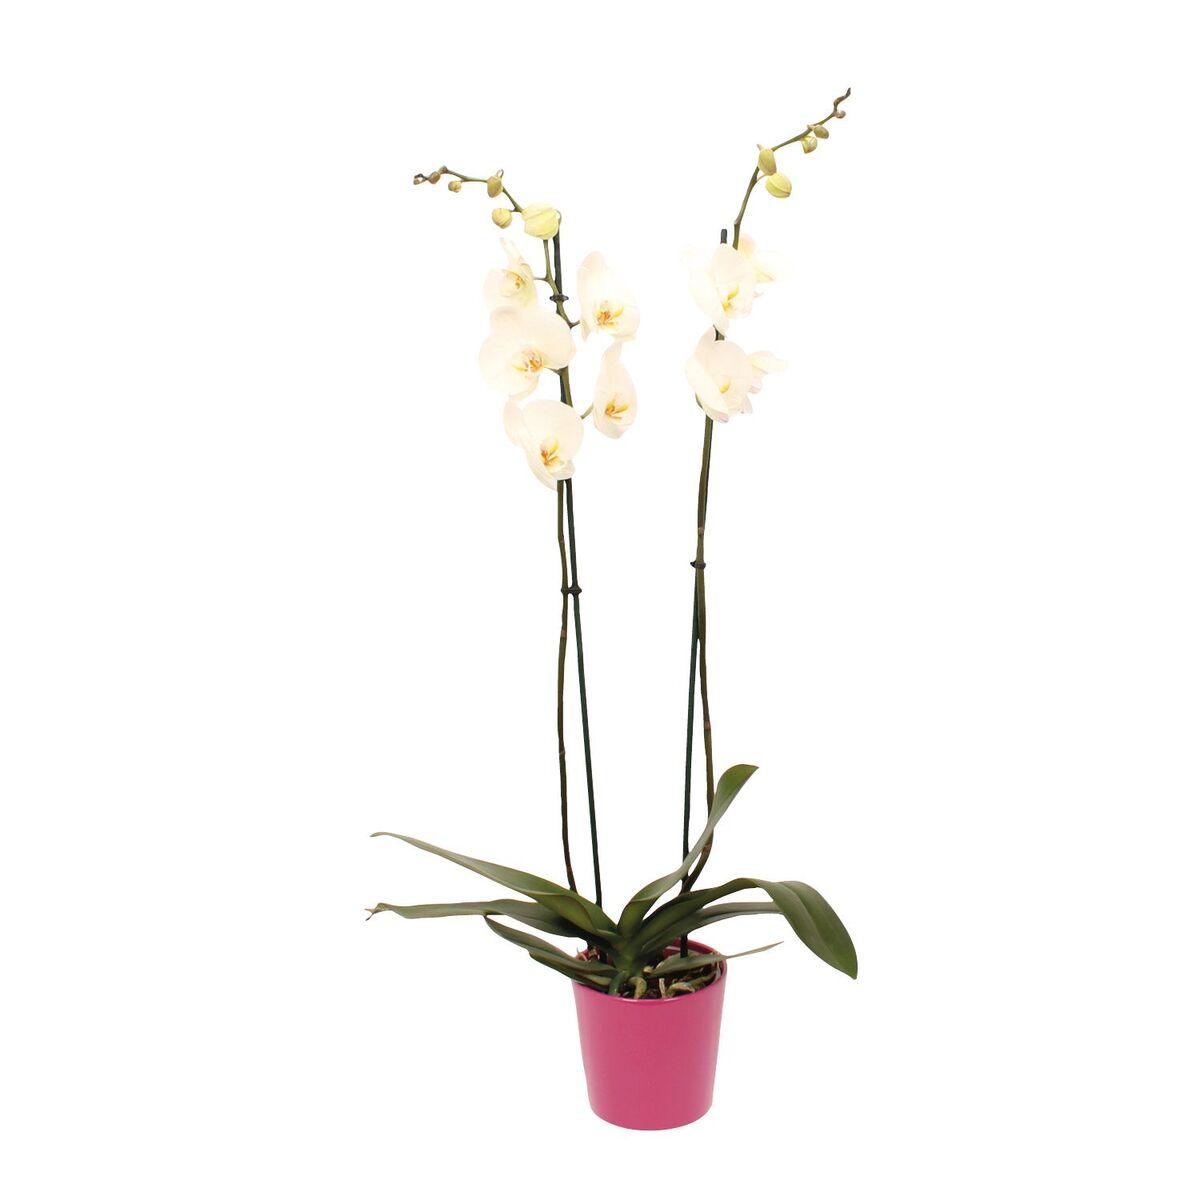 Bild 2 von GARDENLINE®  Orchidee im Keramiktopf